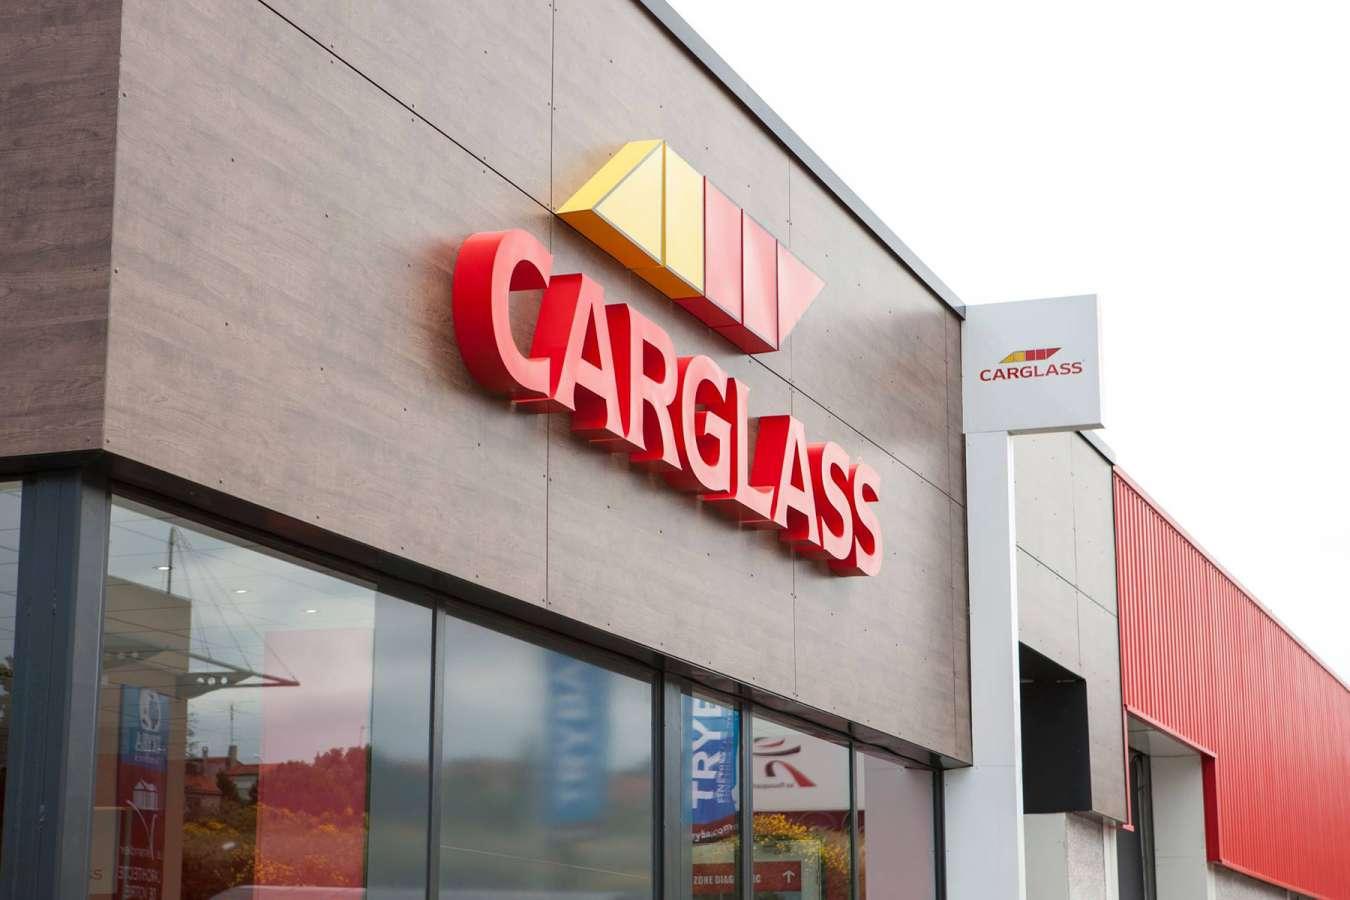 EN_Comment Carglass optimise sa reputation sur les reseaux sociaux_Subbed